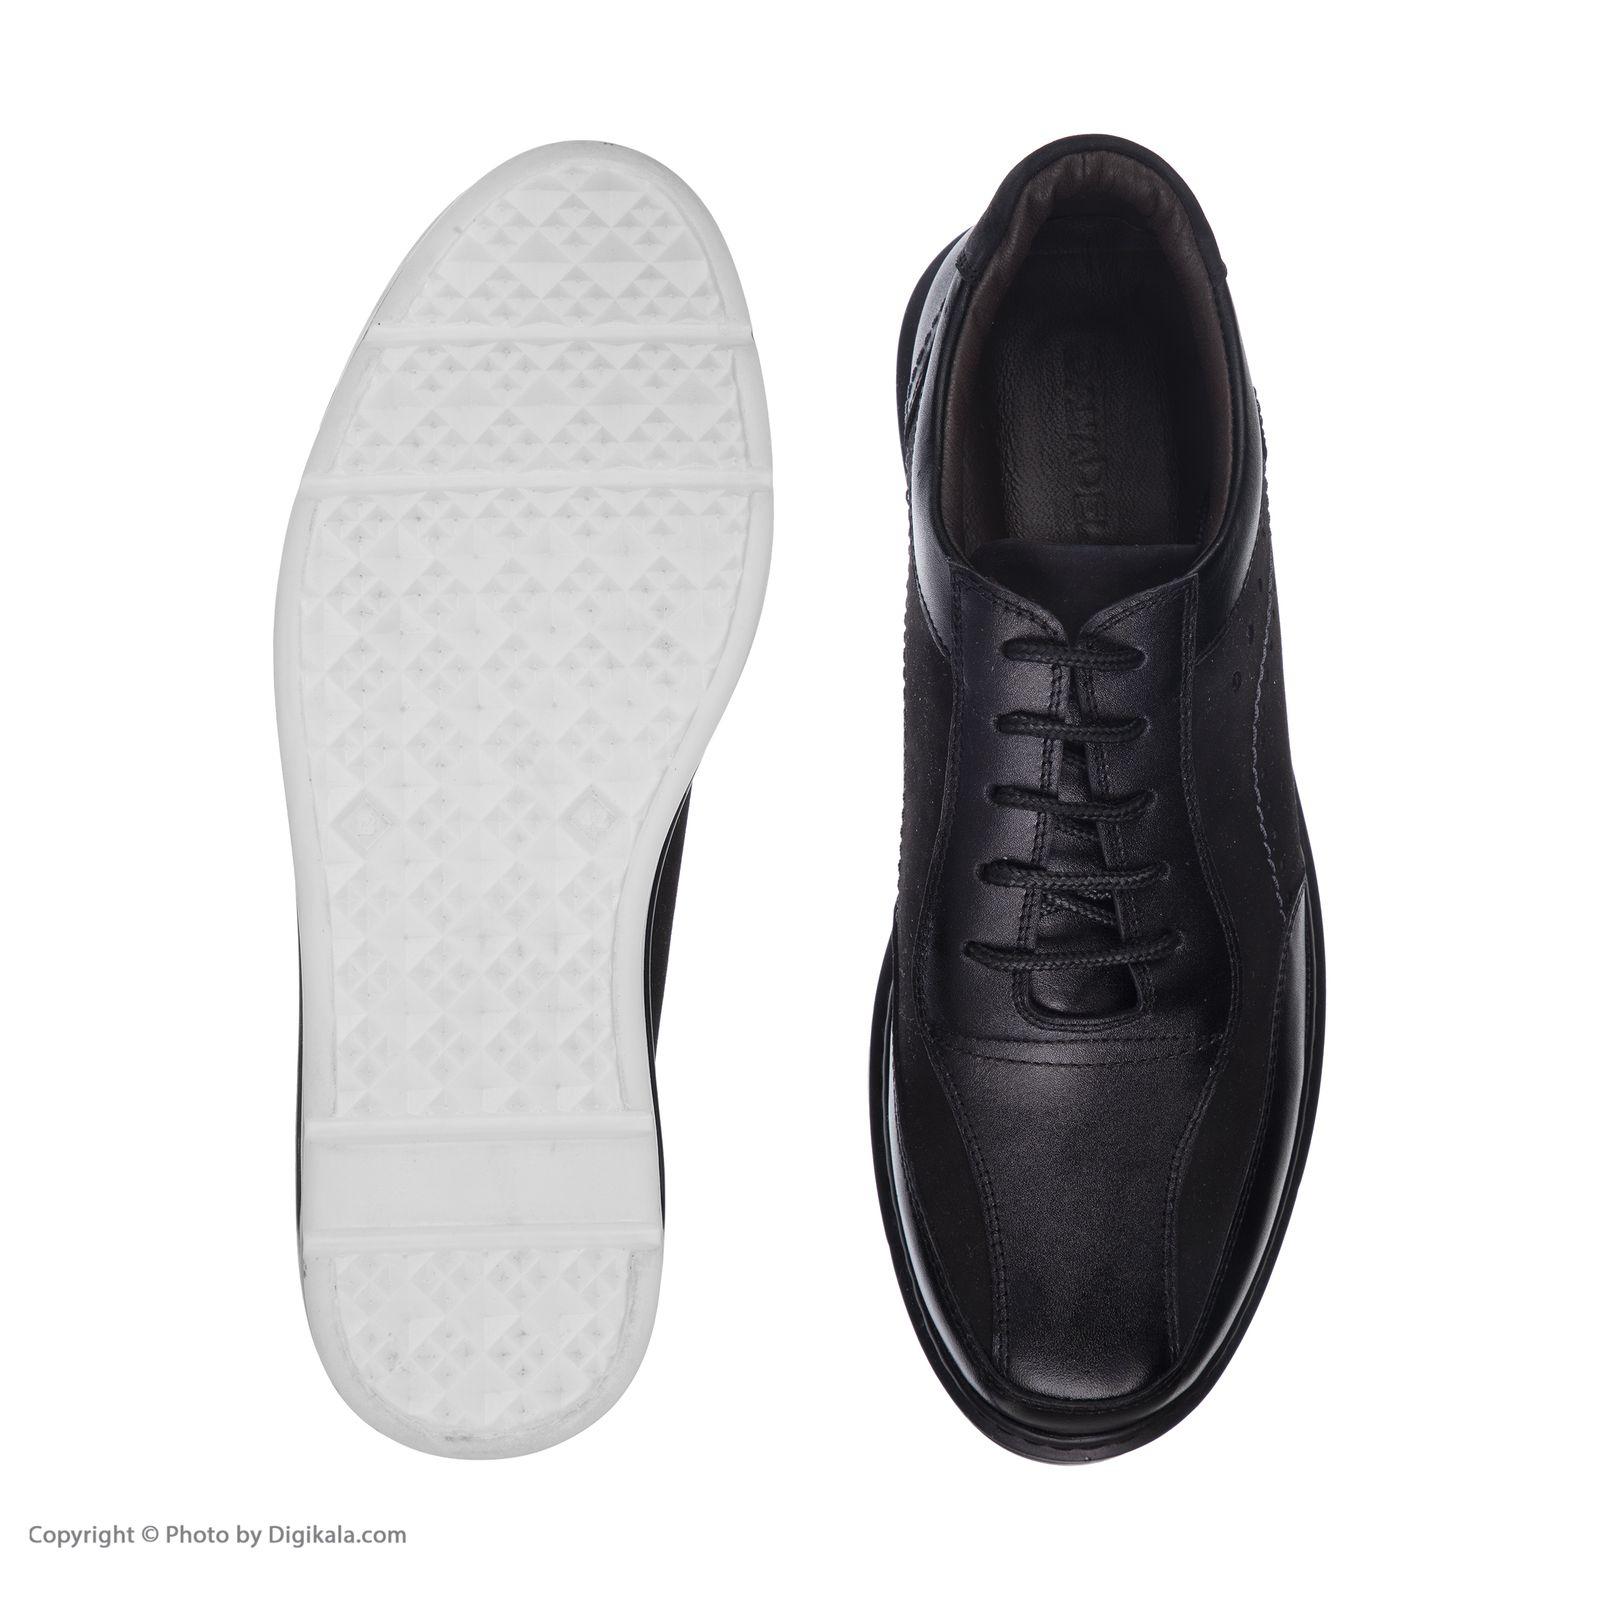 کفش روزمره مردانه دانادل مدل 8602A503101 -  - 2